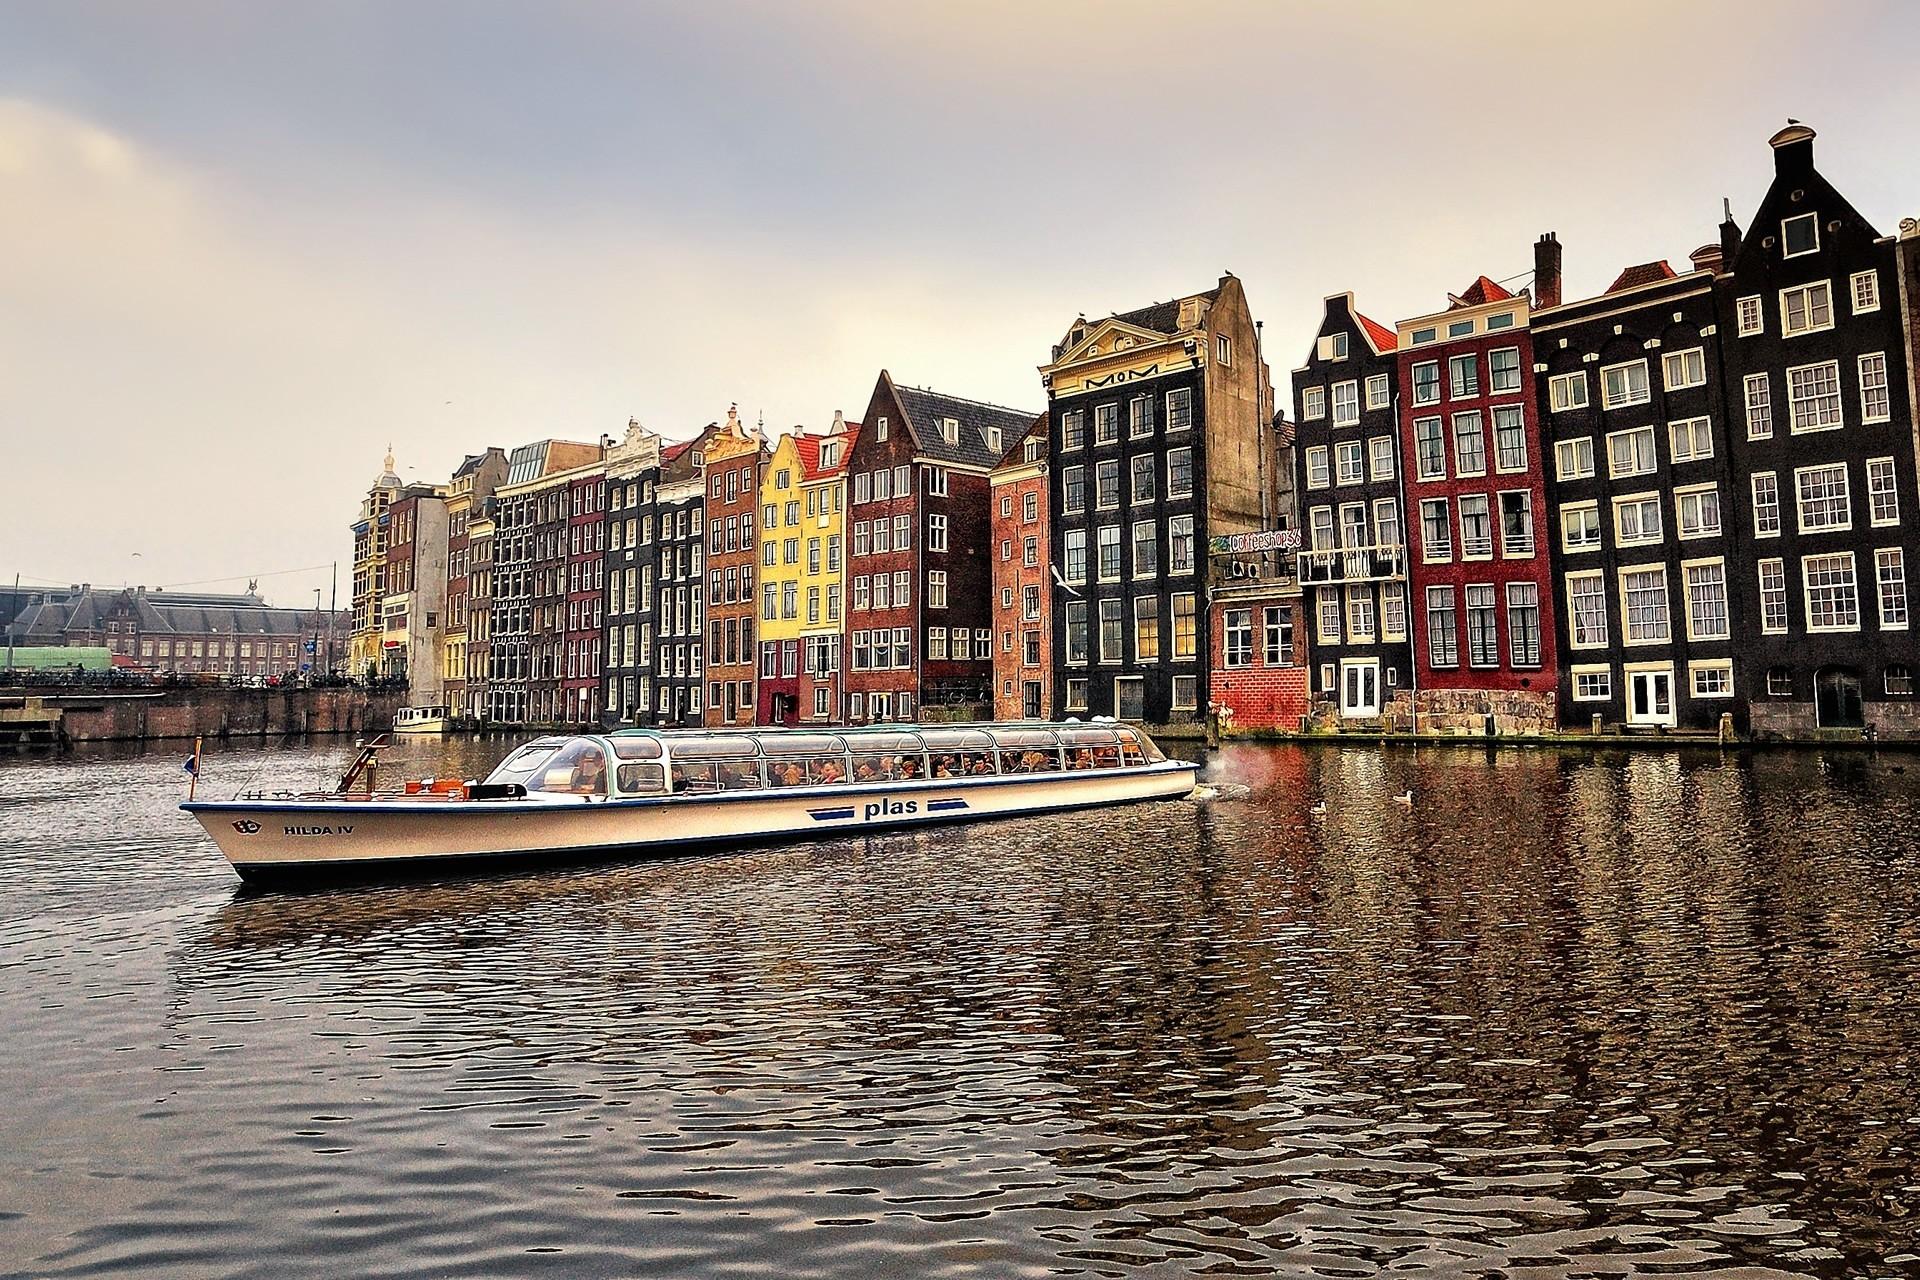 страны архитектура река Амстердам без смс